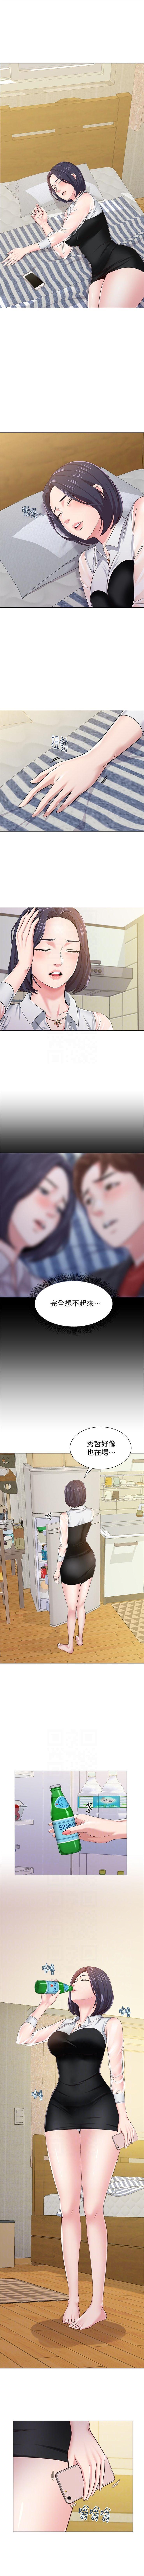 老師 1-80 官方中文(連載中) 265